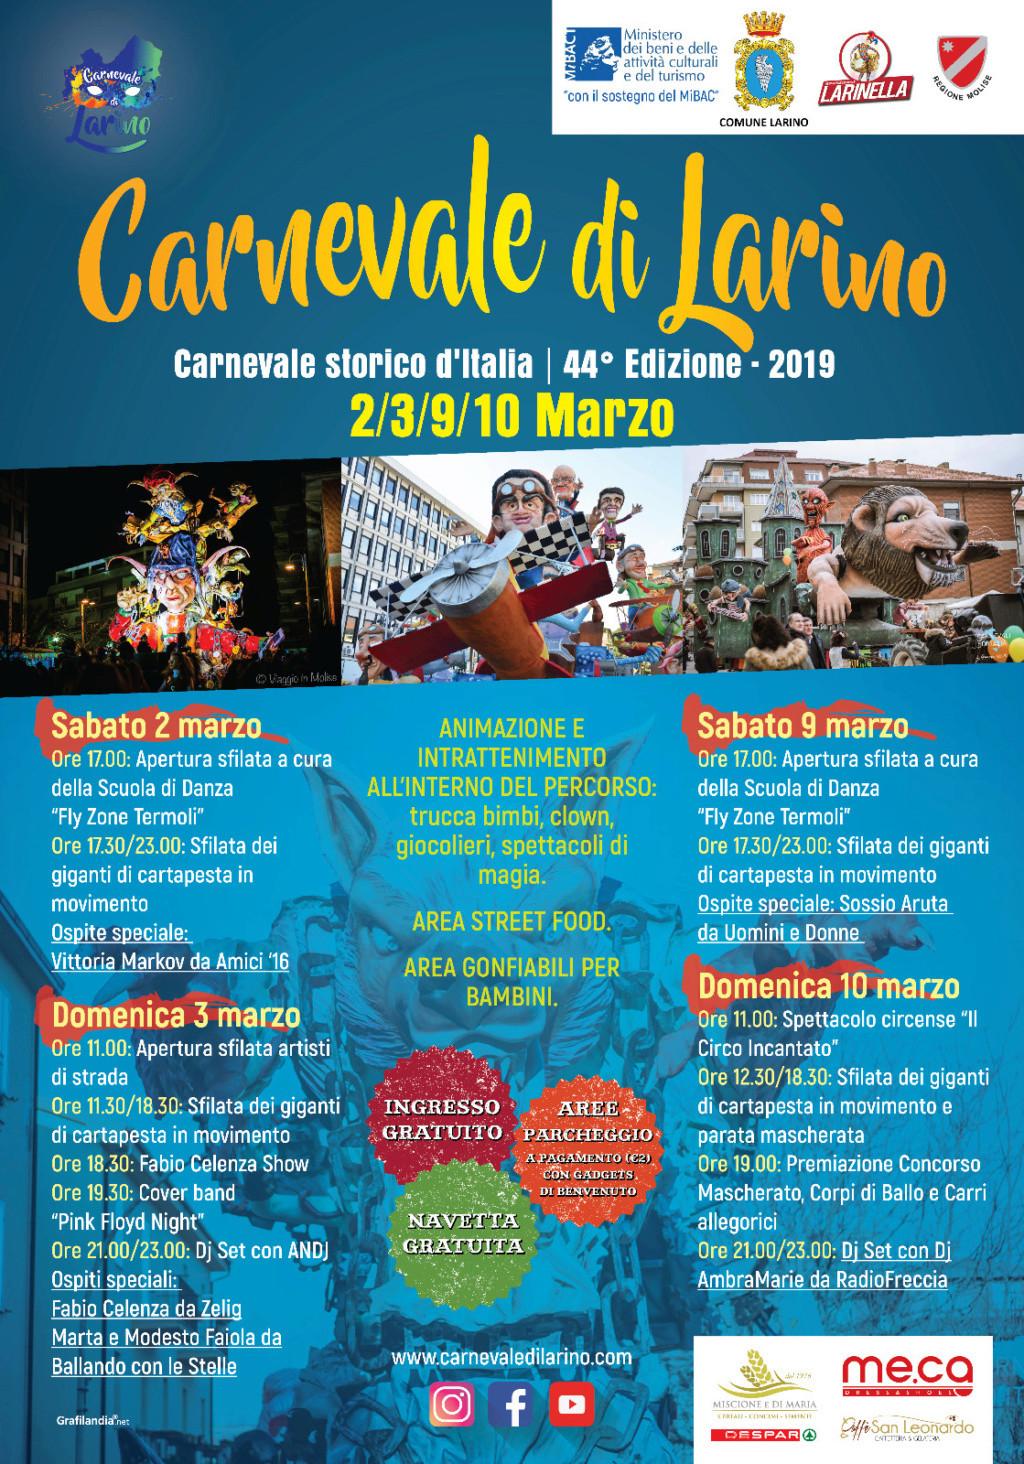 44° Edizione Carnevale di Larino Locand10